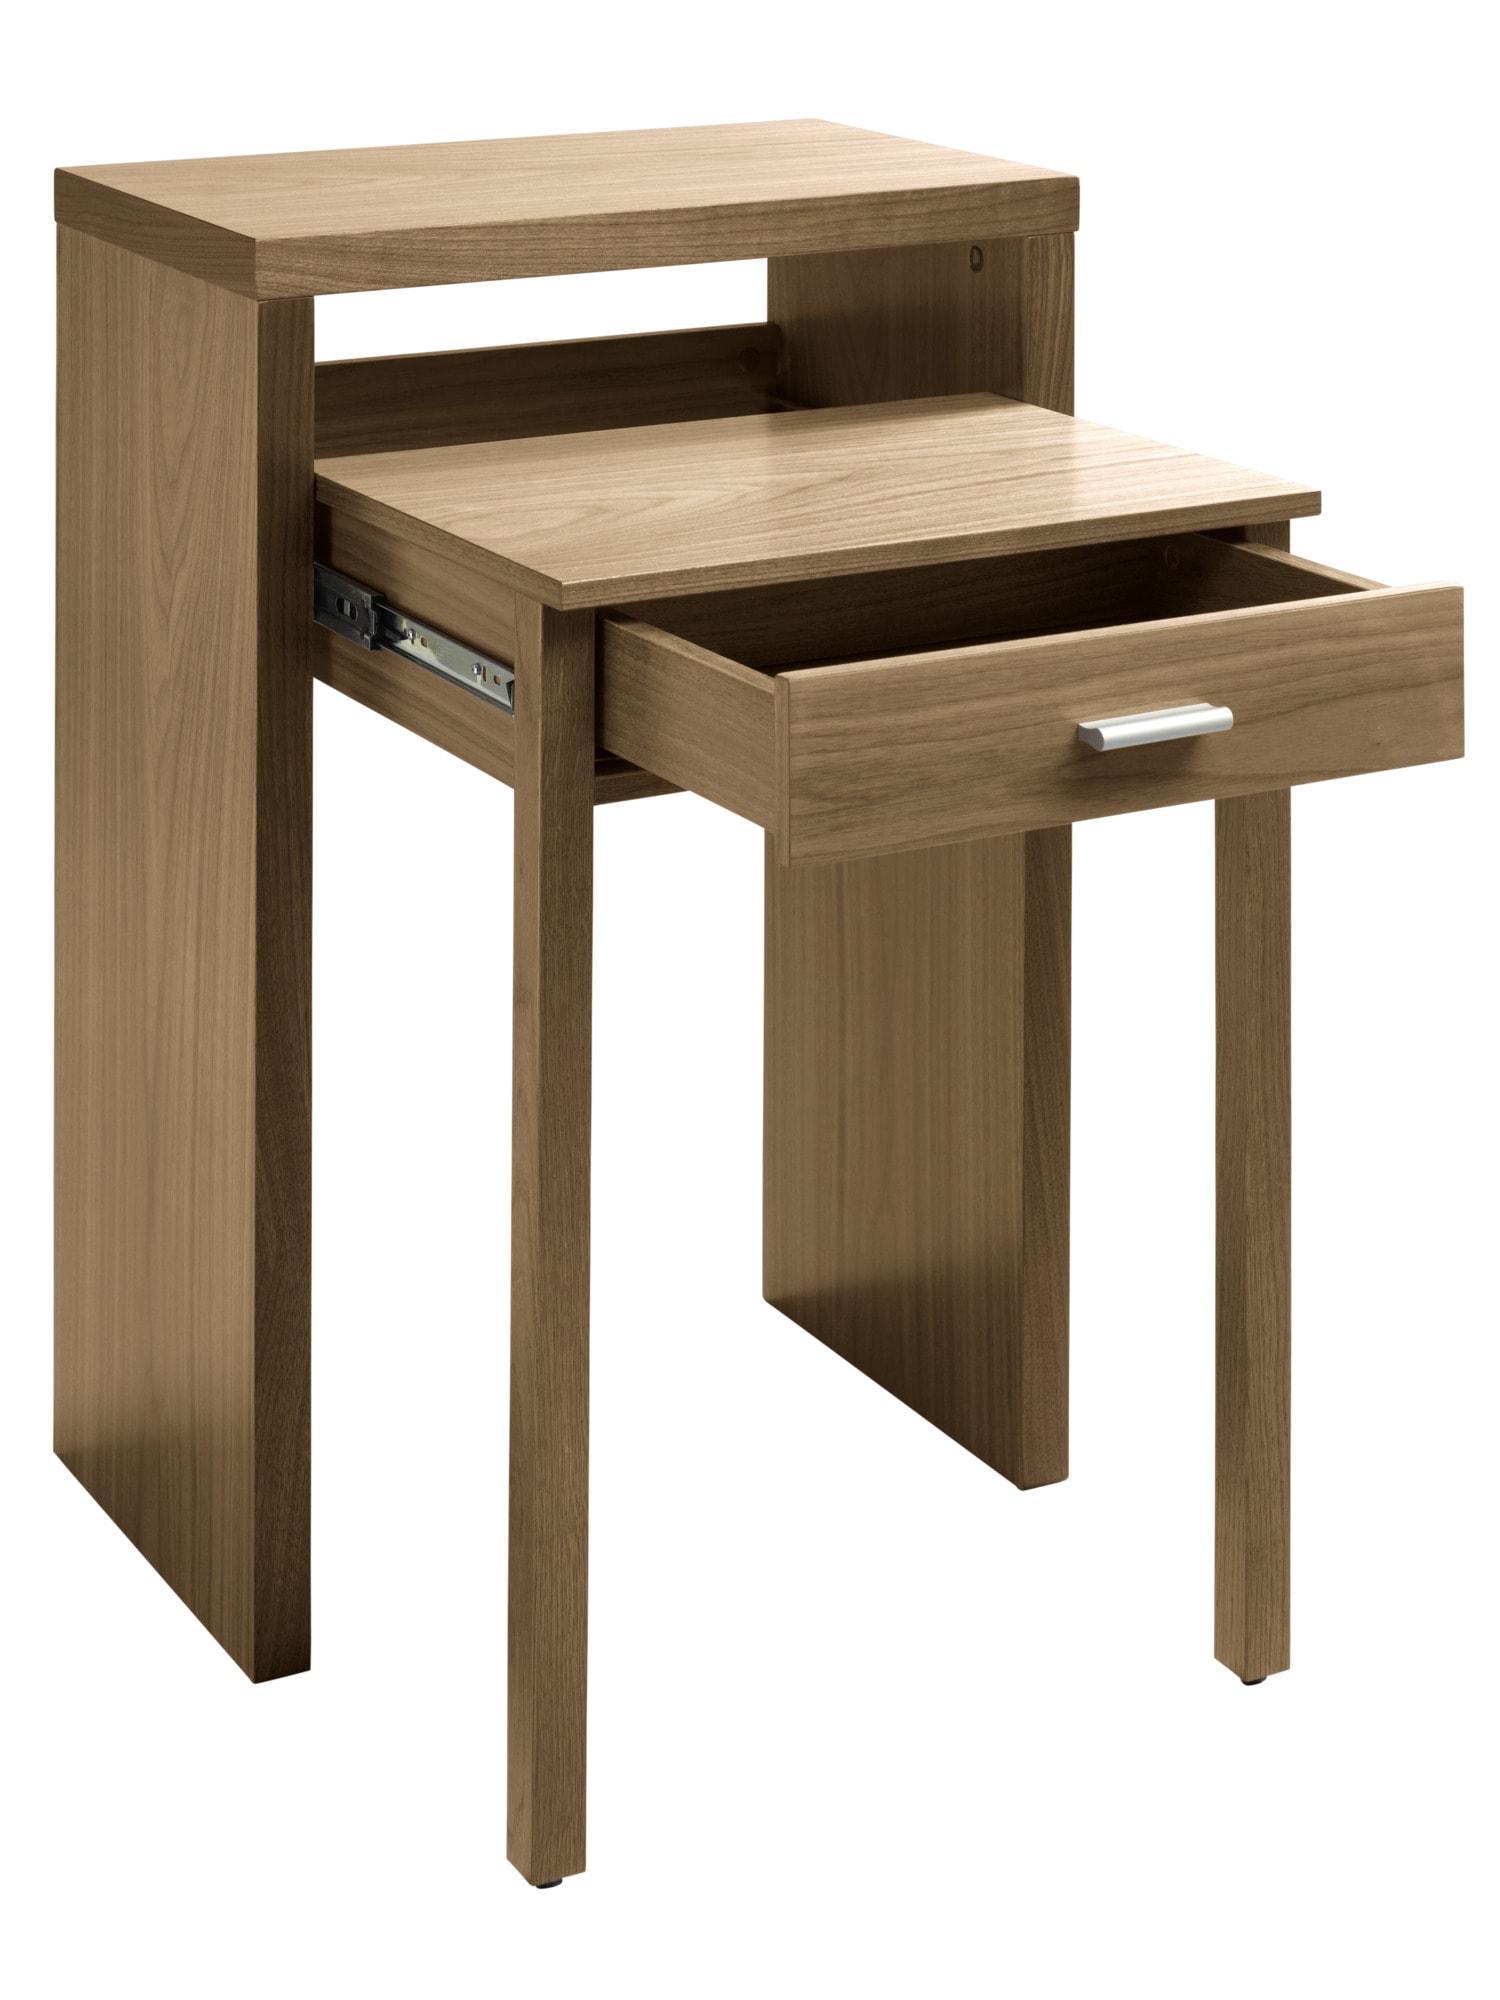 heine home Schreibtisch, ausziehbar